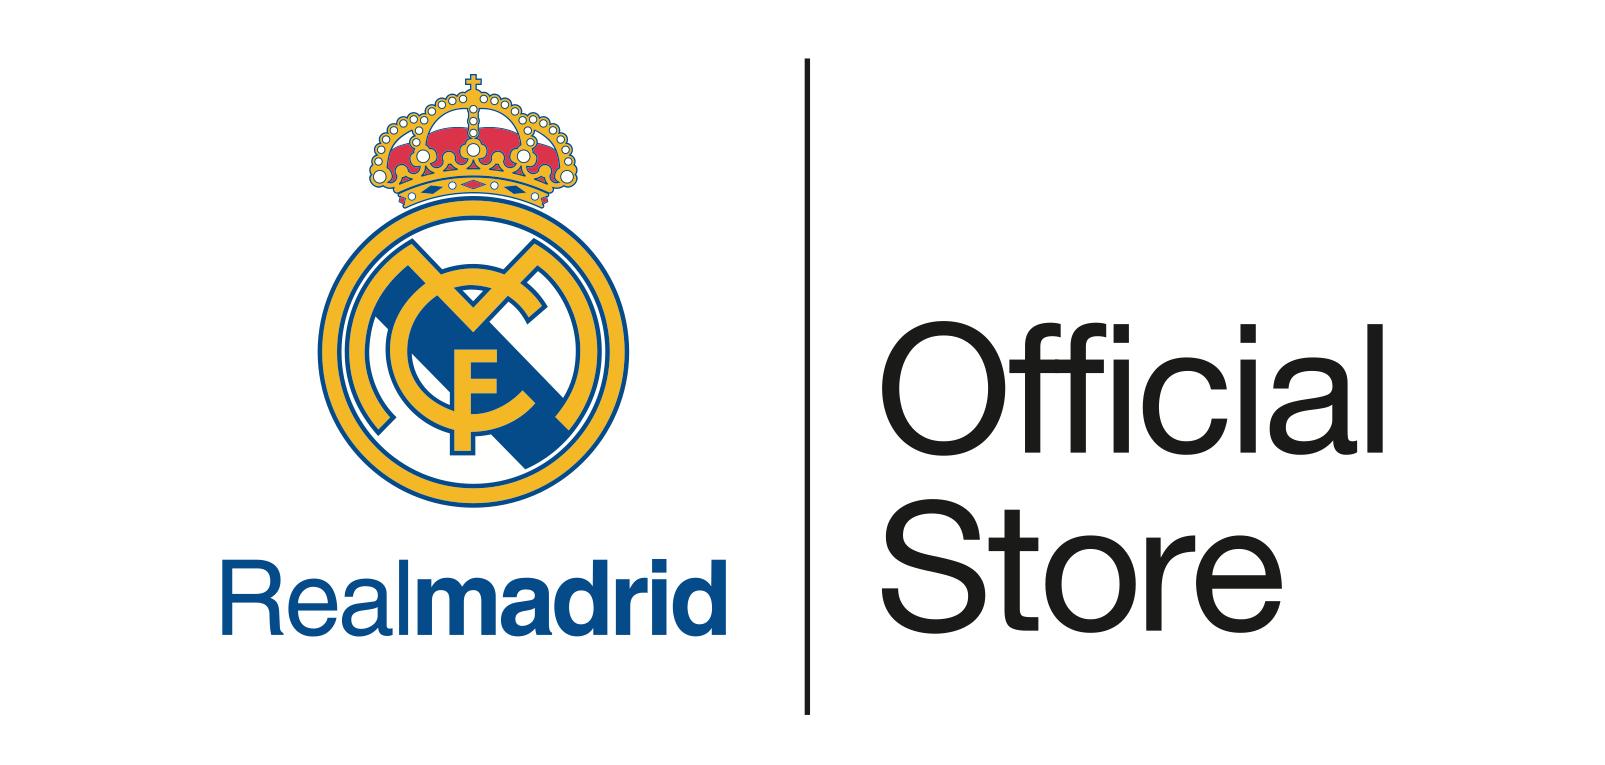 realmadridshop-uk-logo